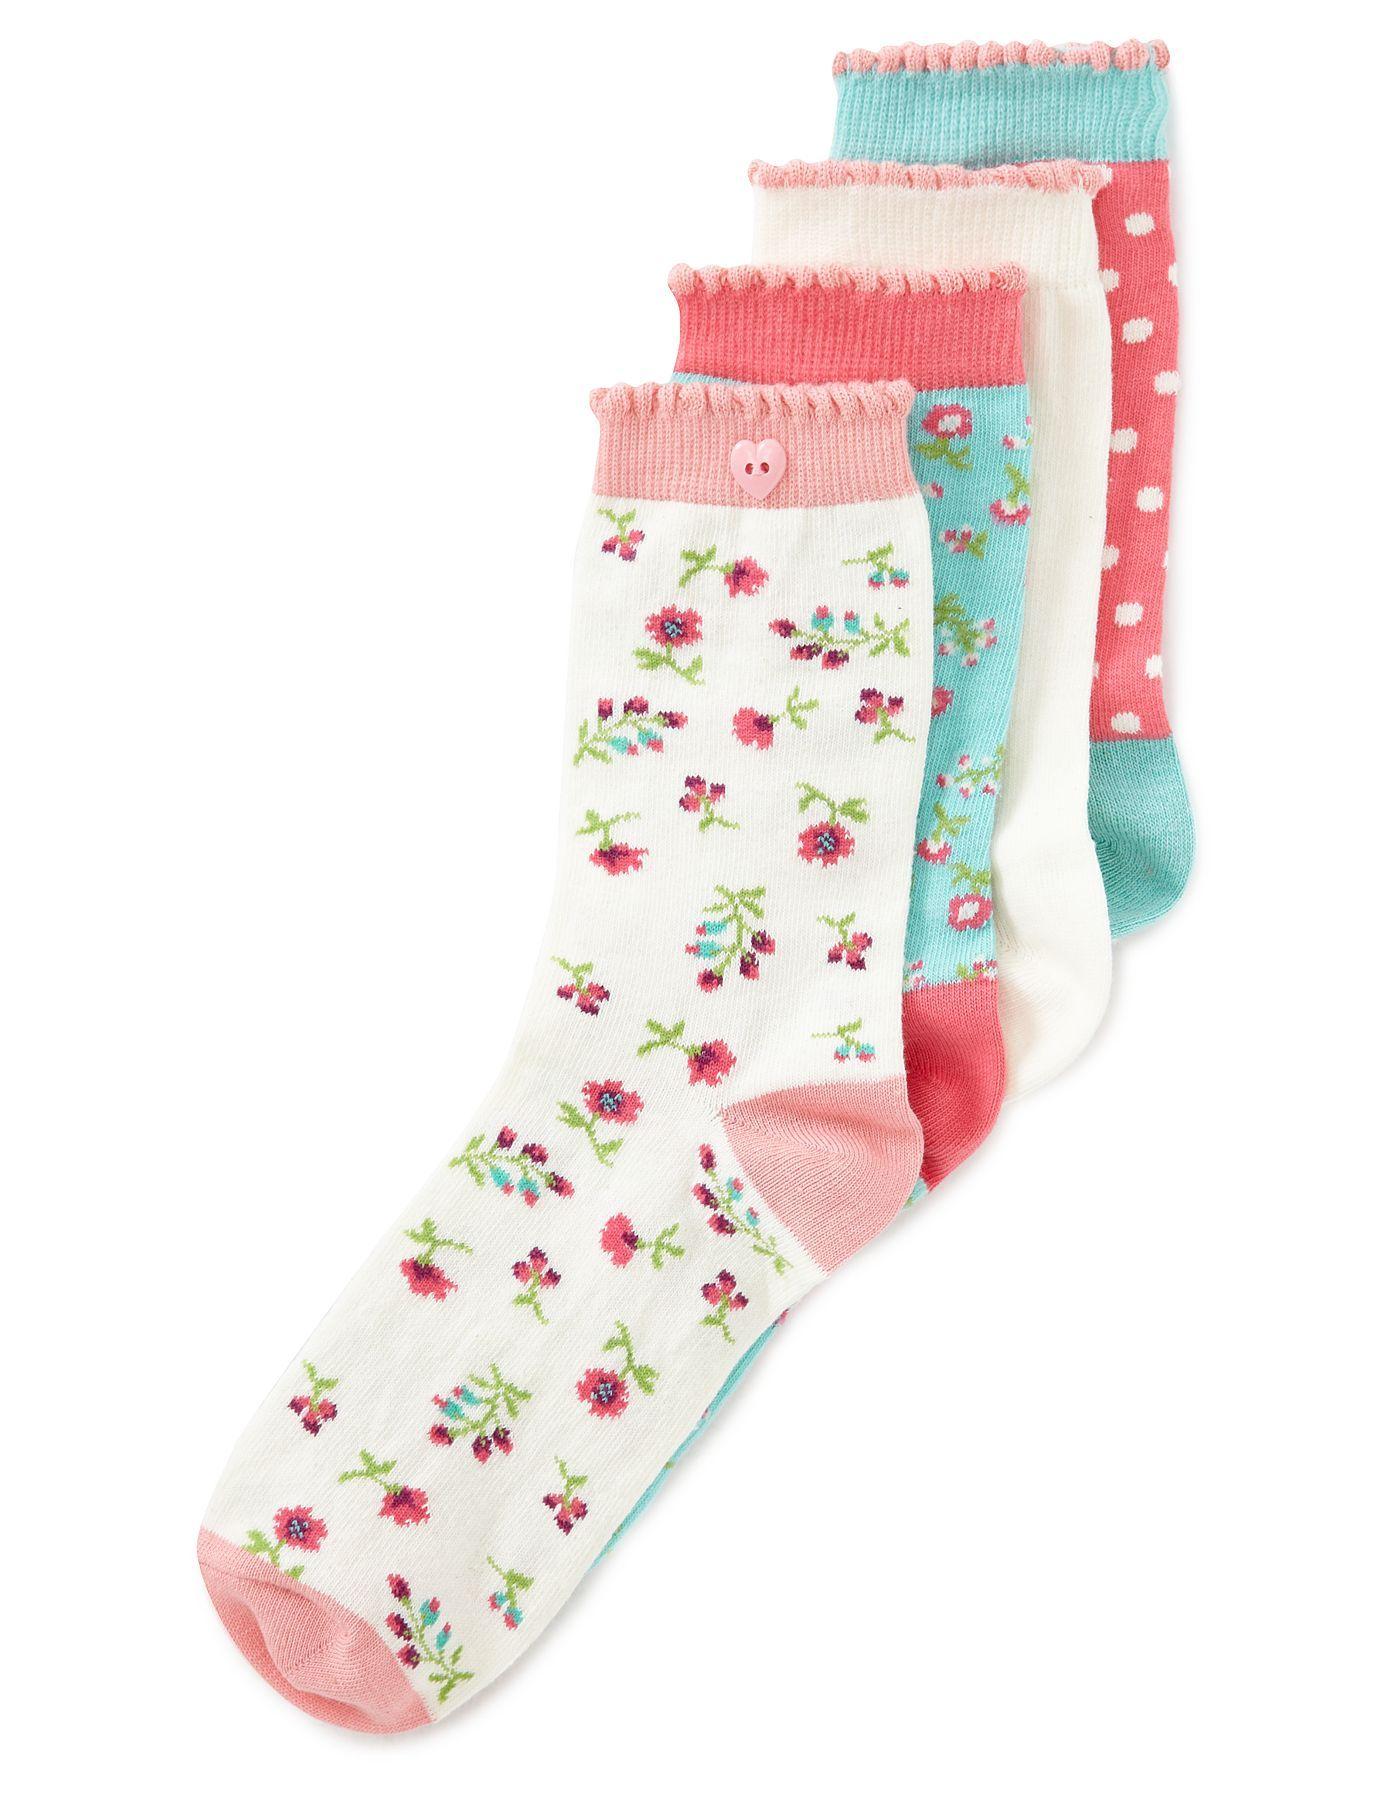 ladies trainer socks asda